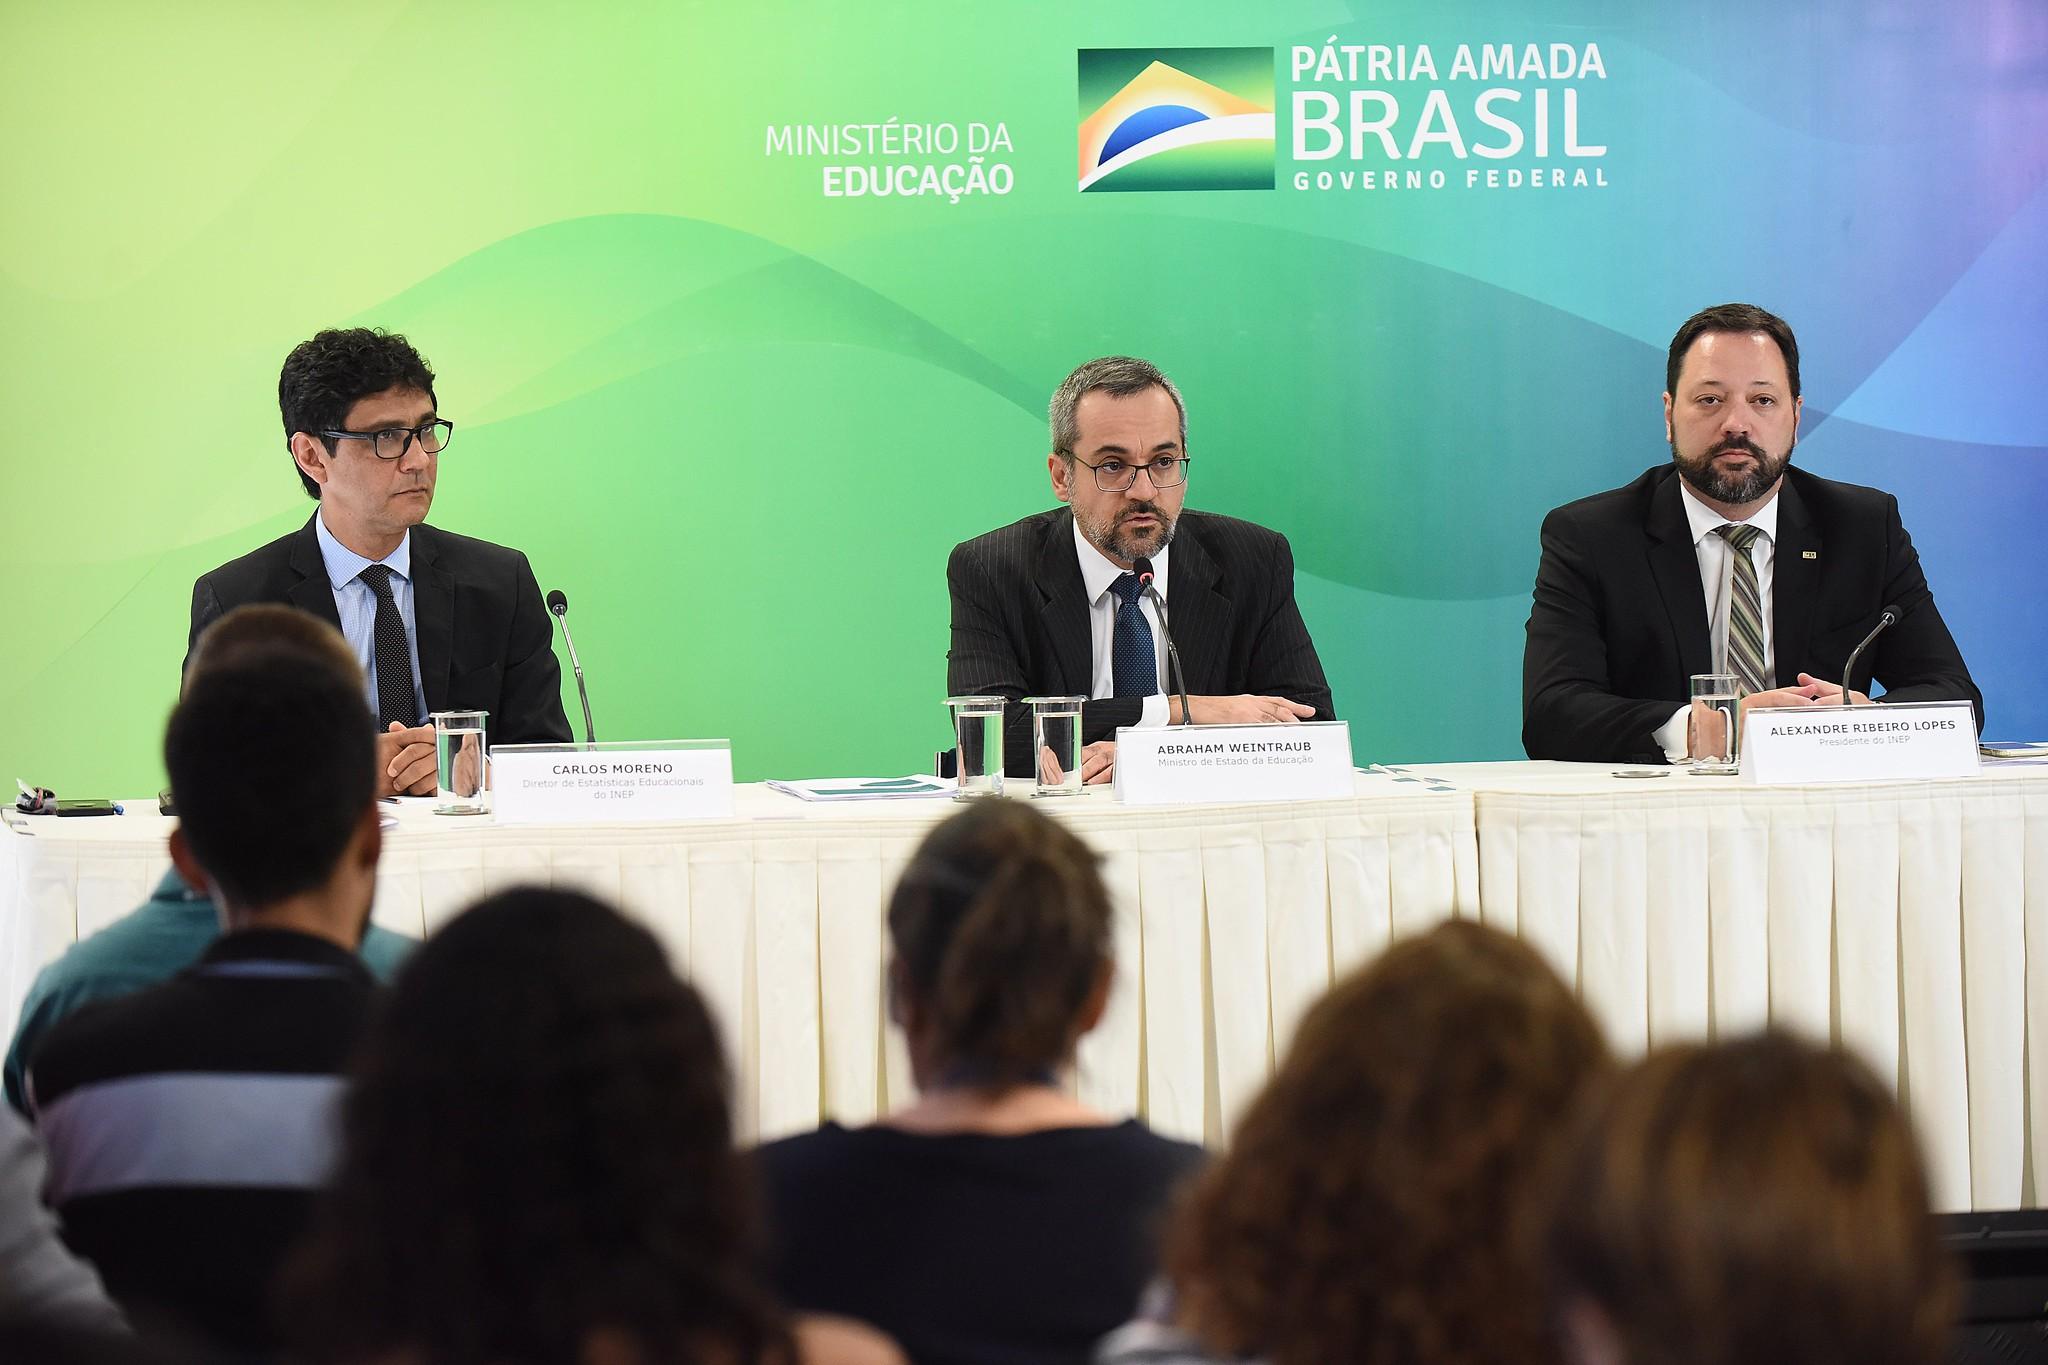 Ensino superior a distância ofertou mais vagas que o presencial em 2018, aponta Censo da Educação Superior - Notícias - Plantão Diário